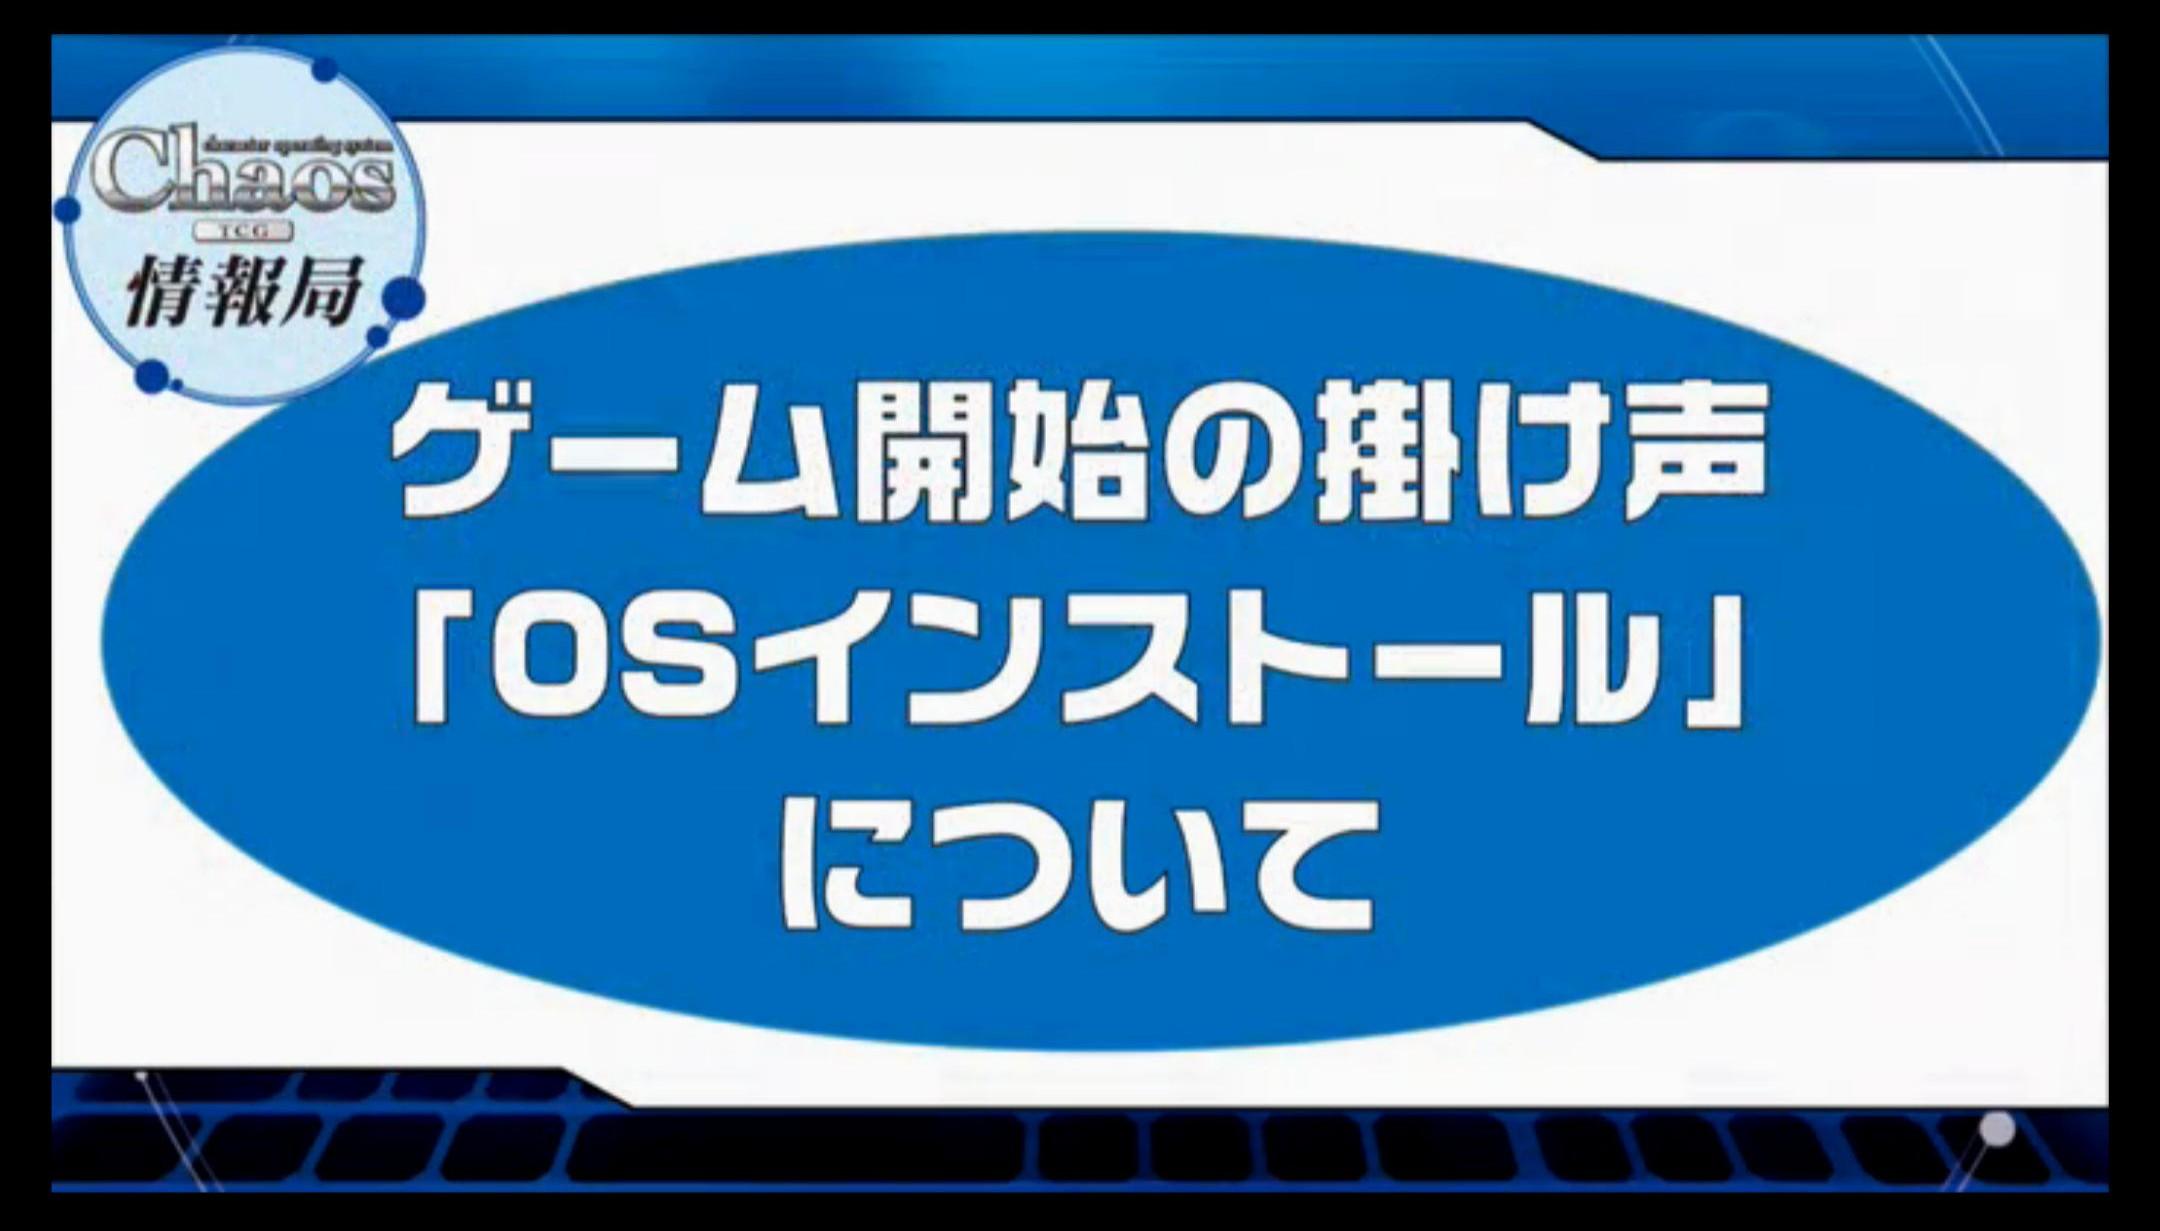 bshi-live-170420-068.jpg